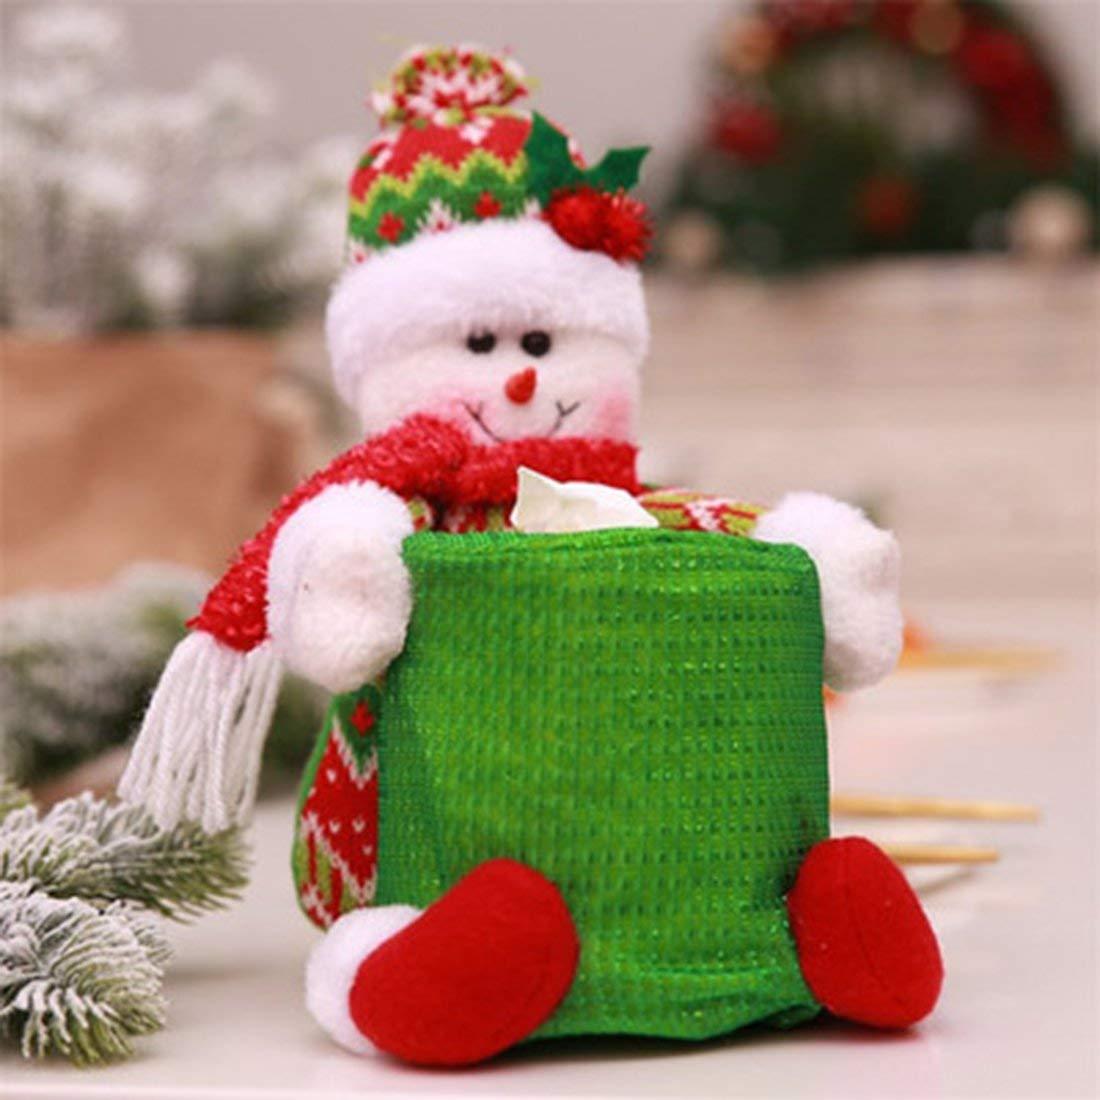 Formulaone Adornos navideños, mesas de Comedor, hoteles, baños, Cubre Toallas de Papel Redondas, artículos de Bolsos: Amazon.es: Hogar